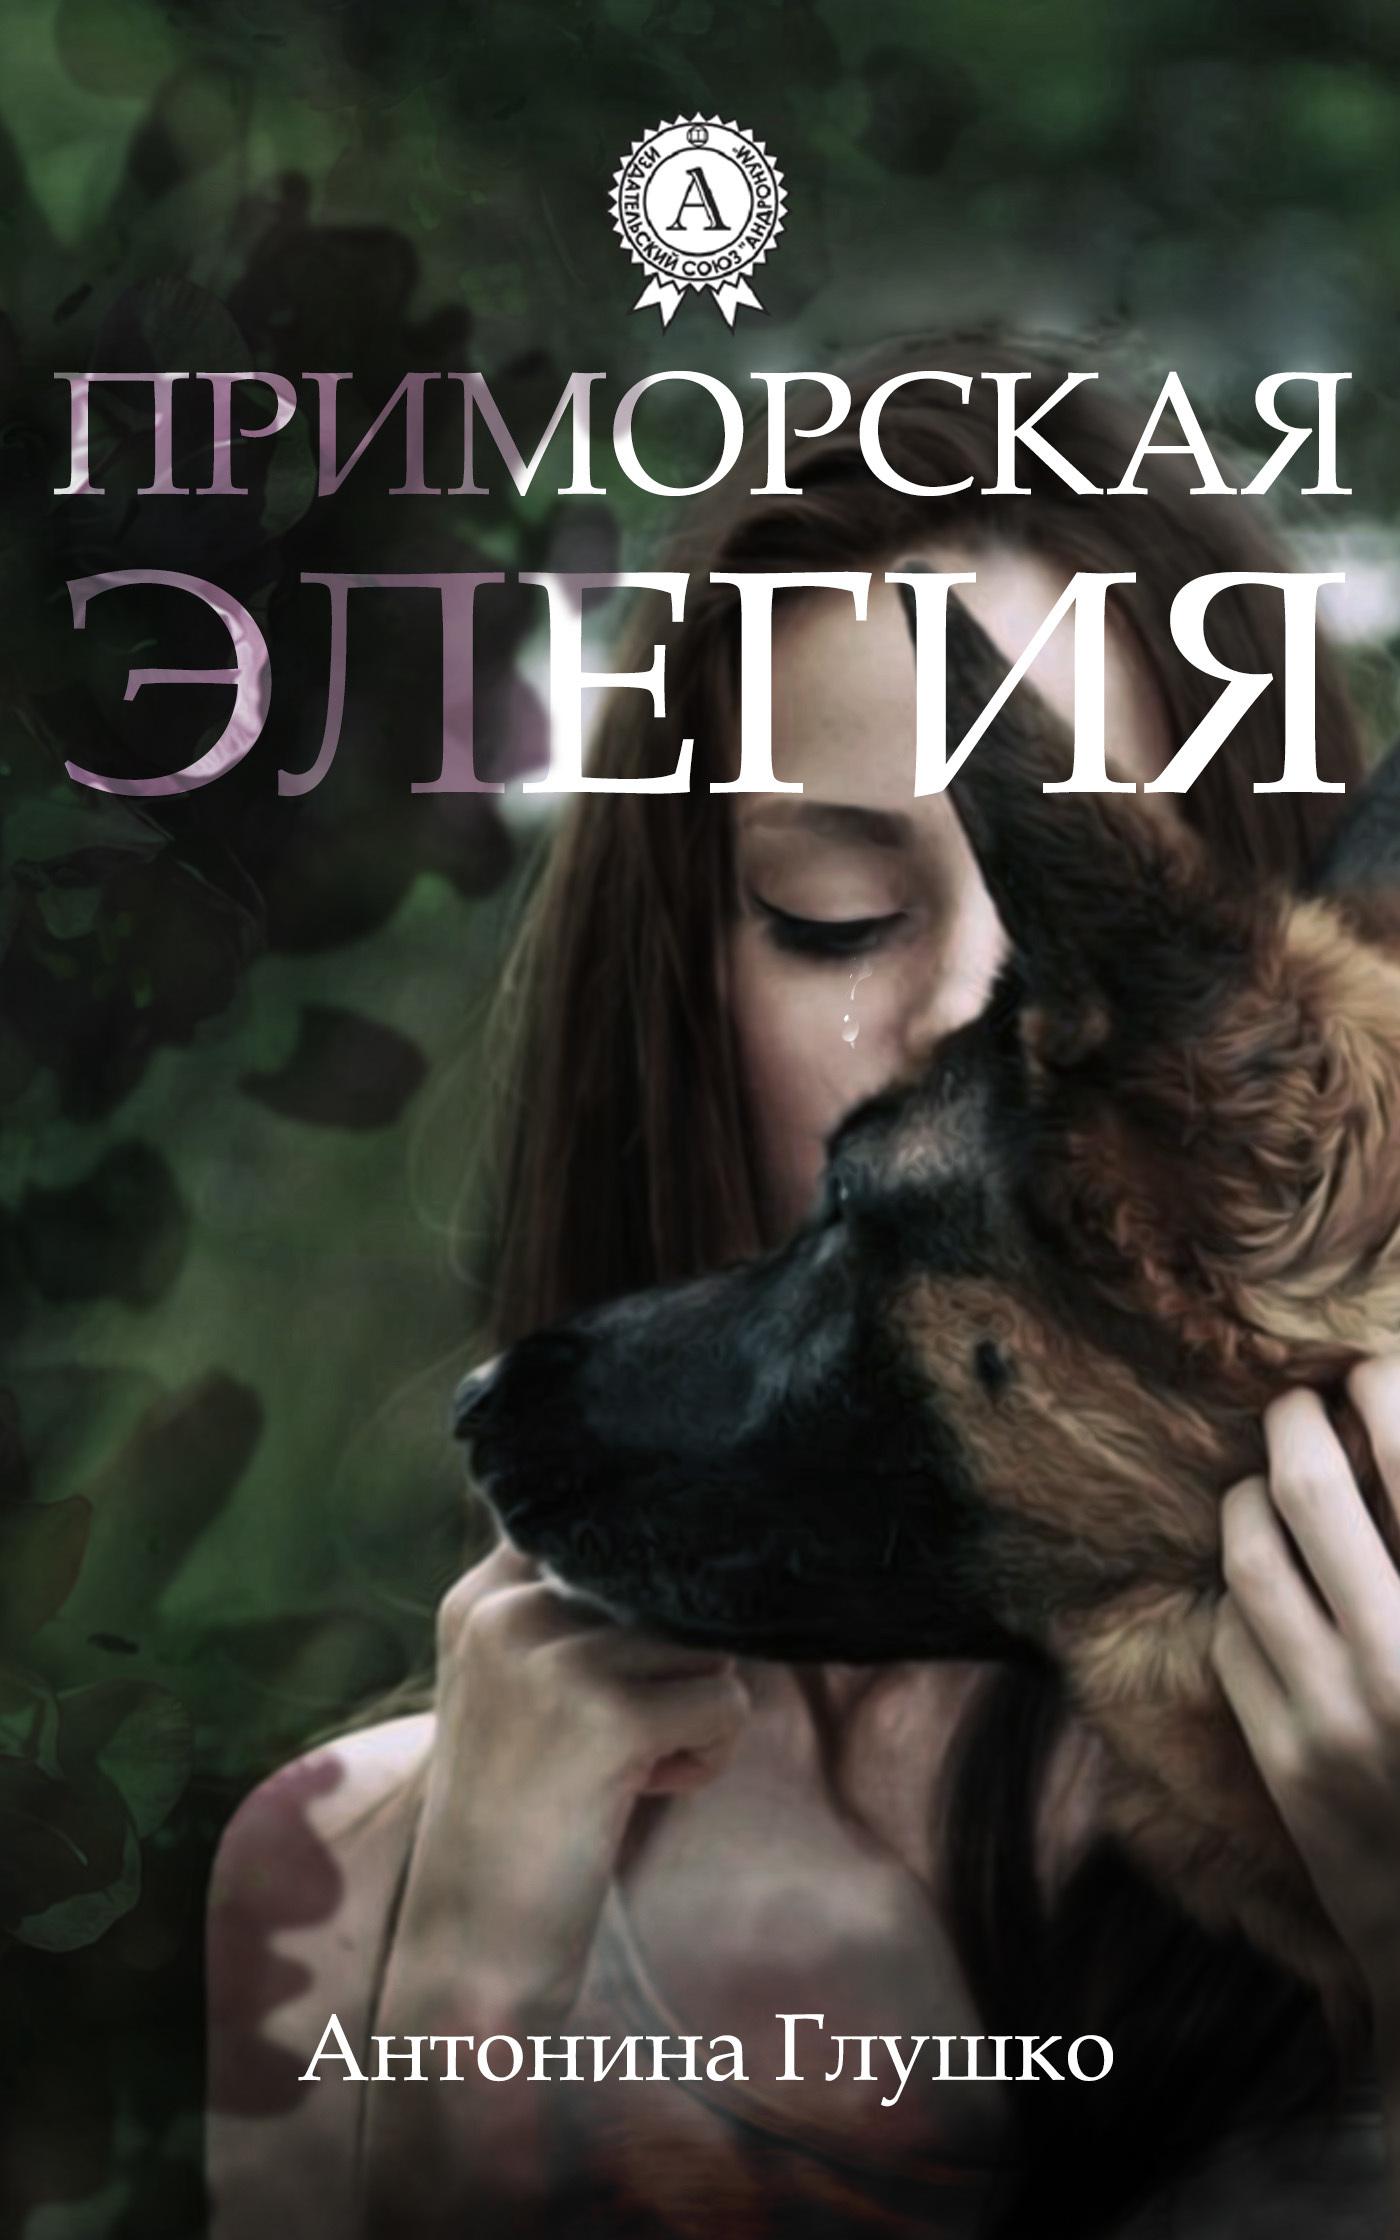 Антонина Глушко - Приморская элегия